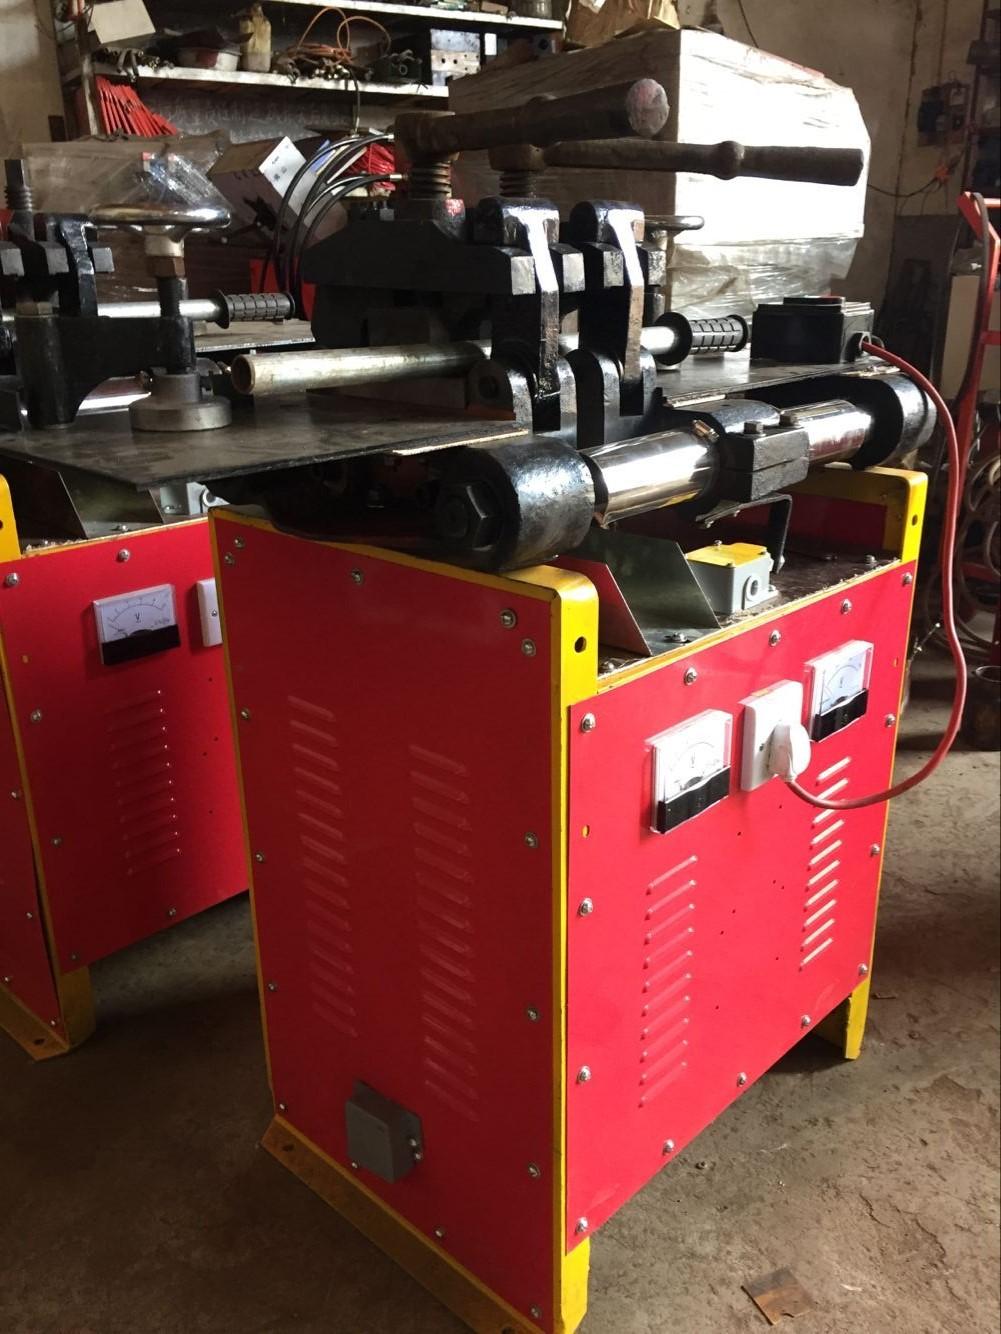 全自动锯条对焊机 双金属闪光焊接机 150型对焊机厂家直销